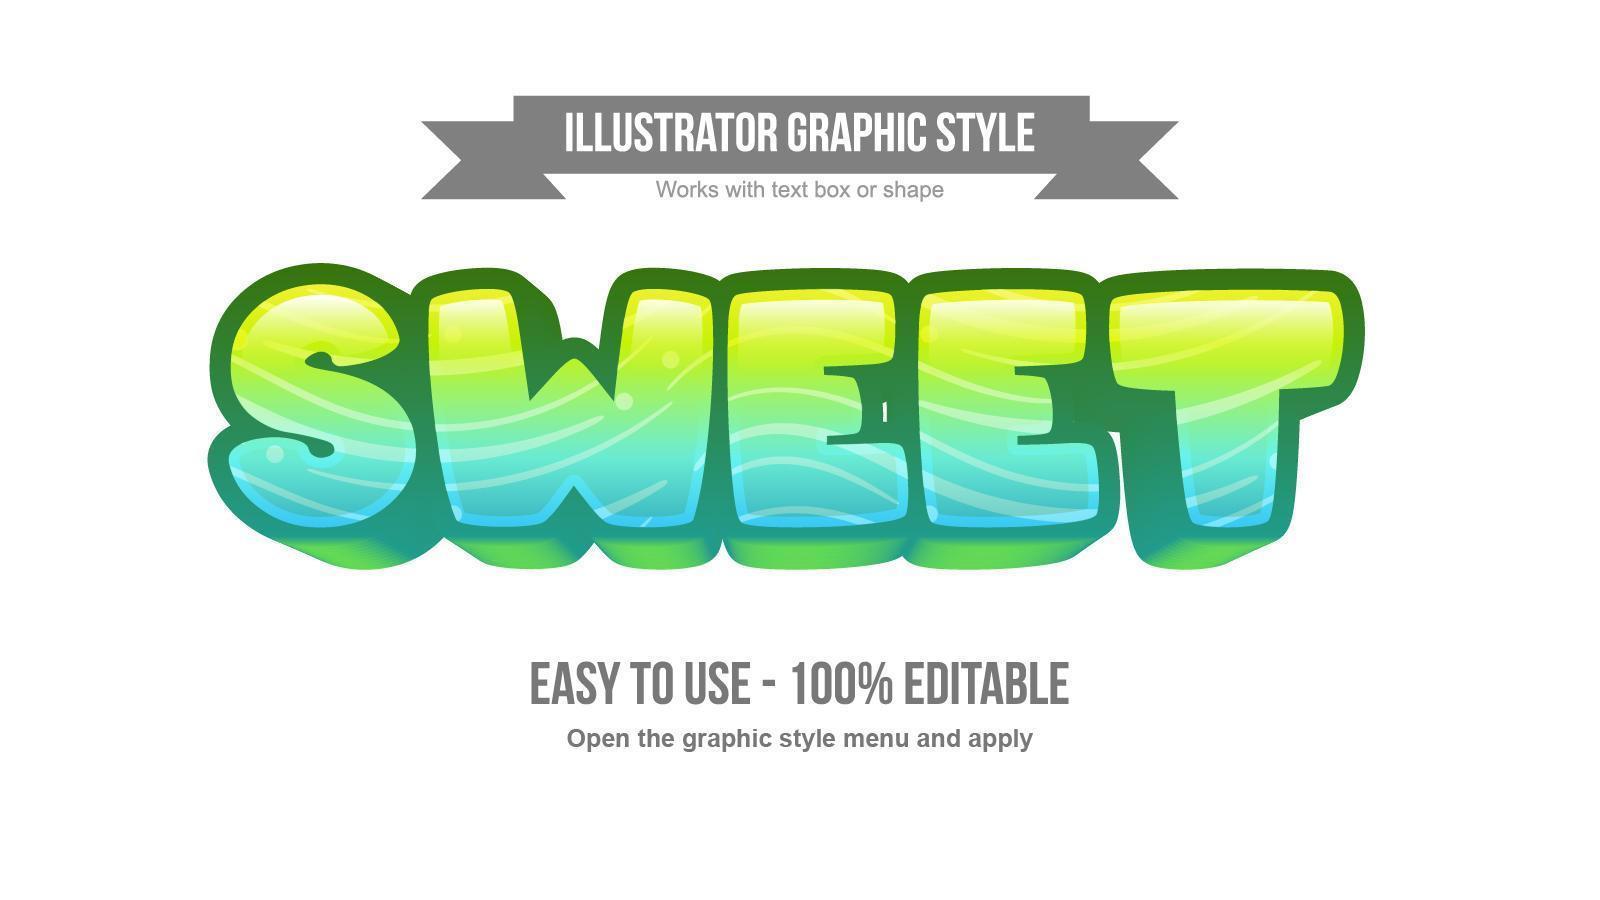 helder groen en blauw golven patroon cartoon teksteffect vector